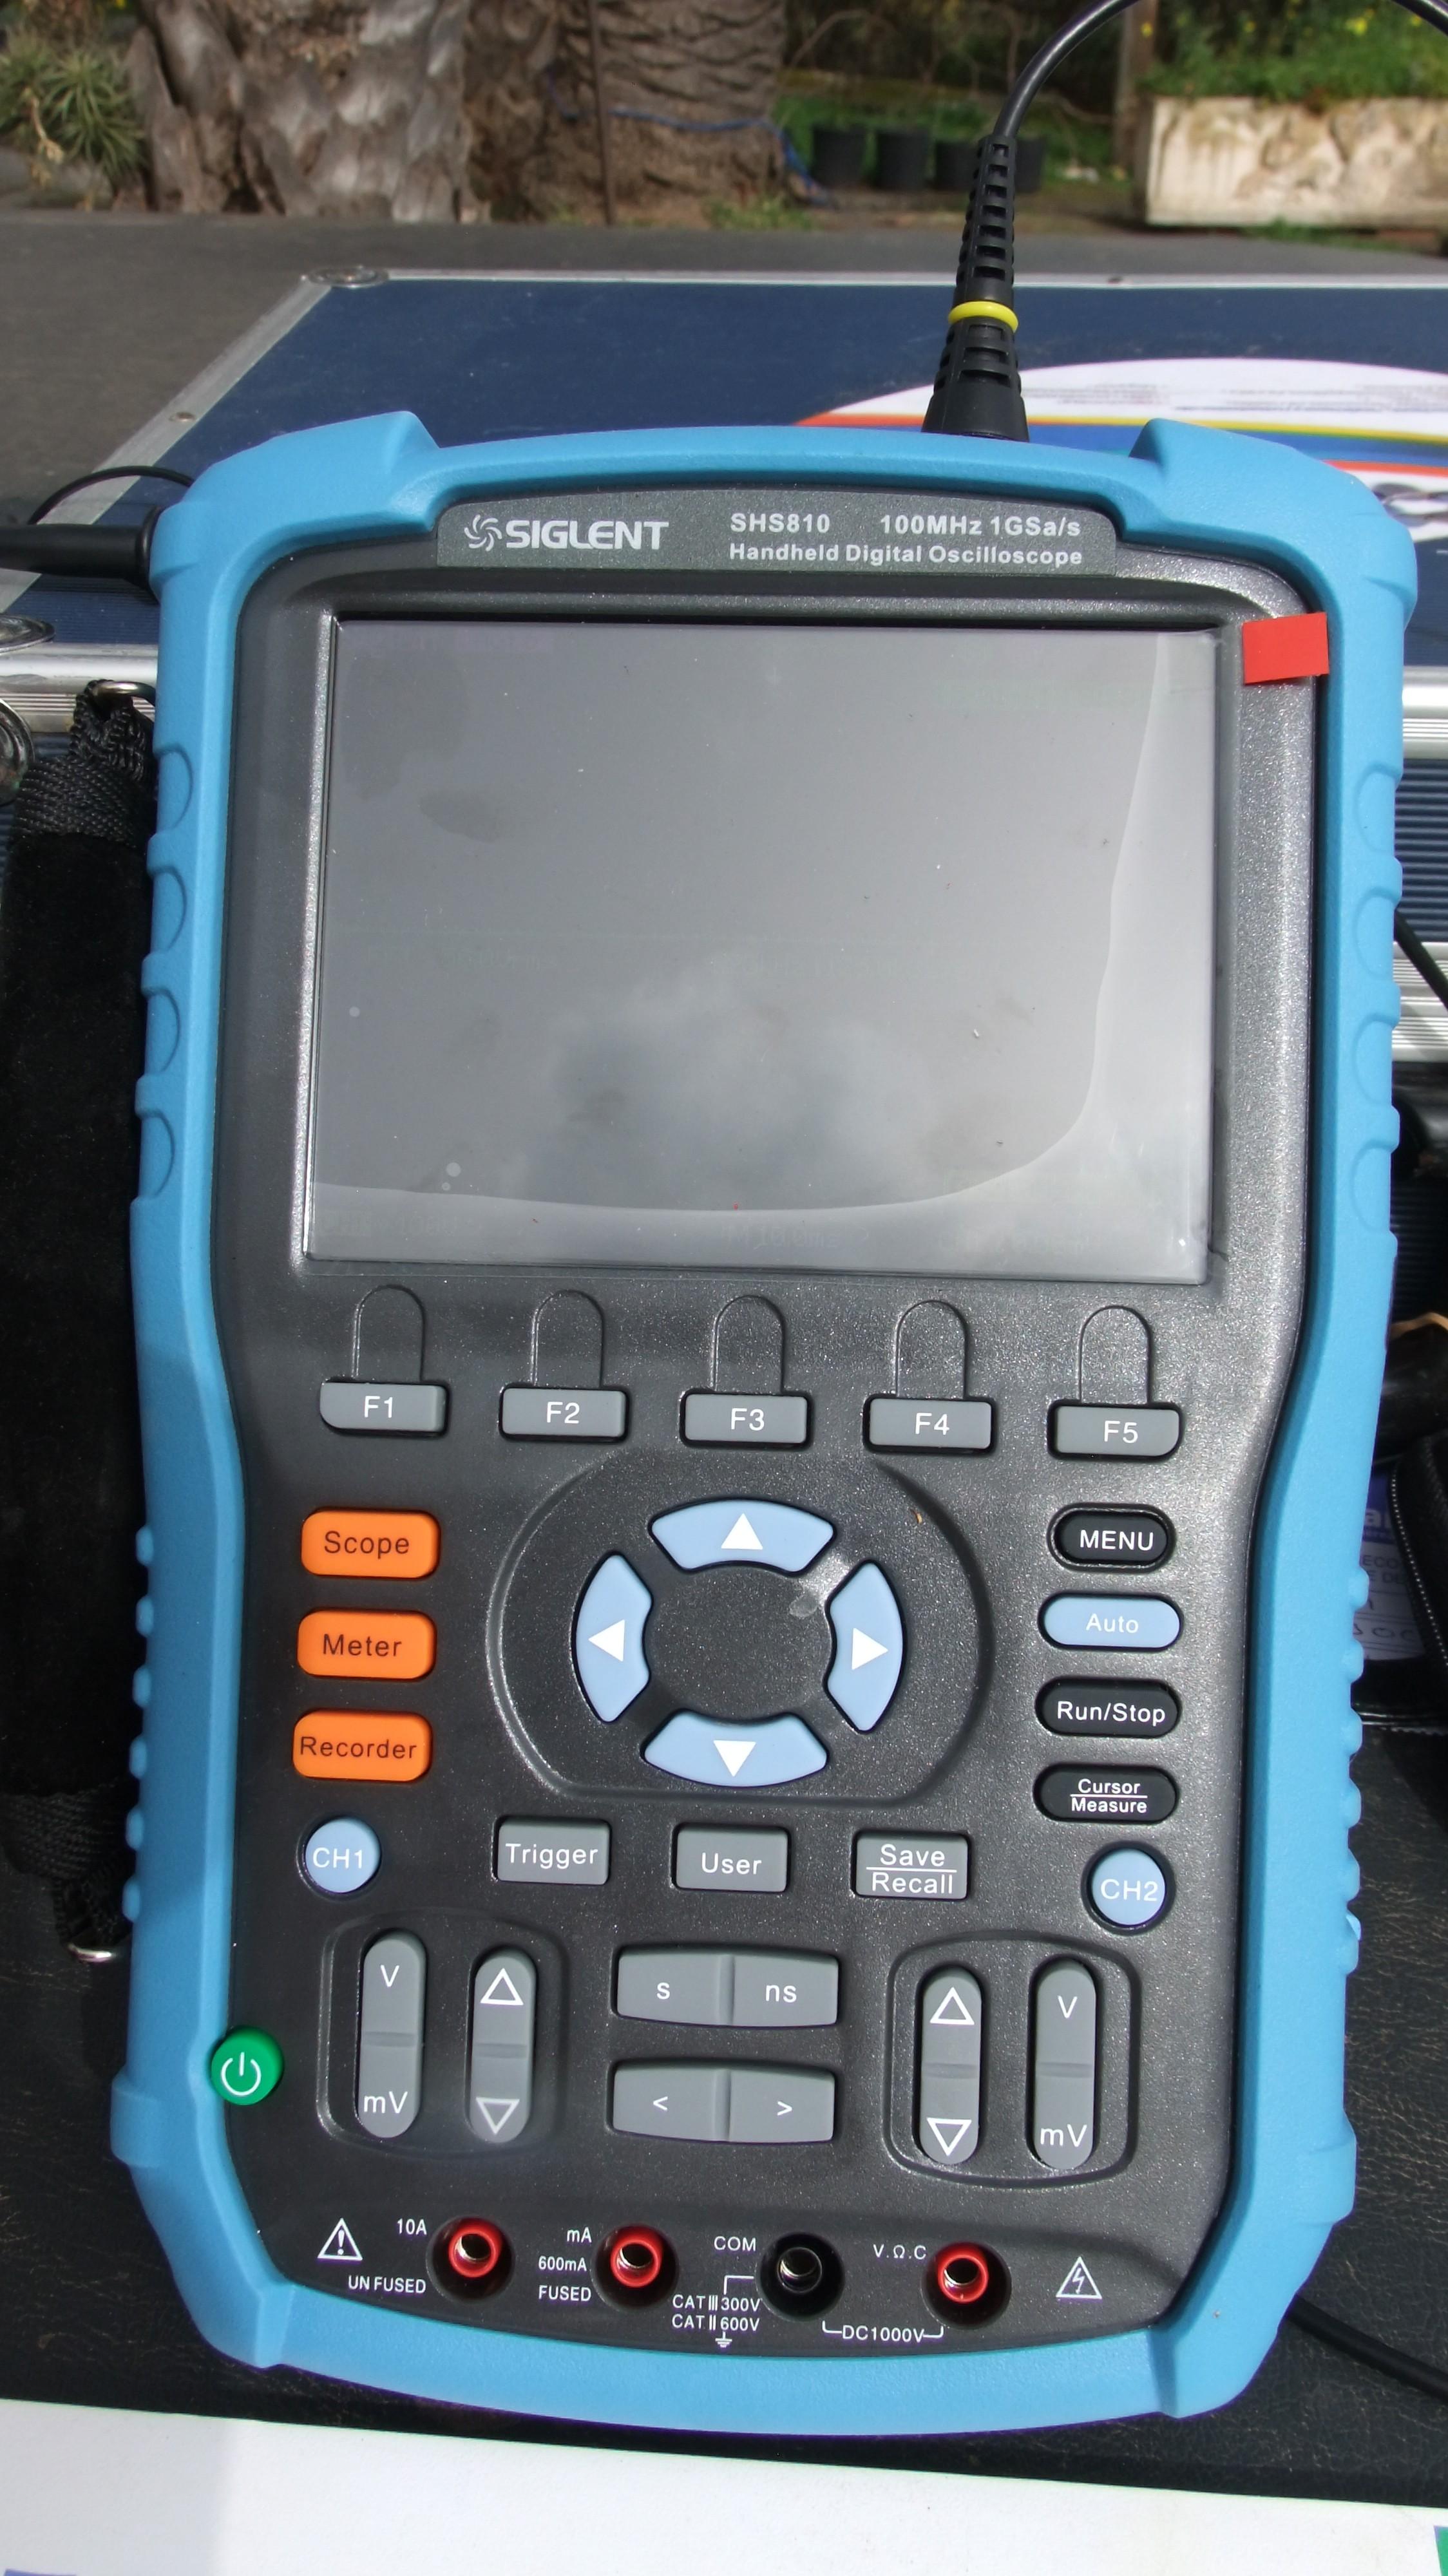 Osciloscopio para detección de dirty electricity